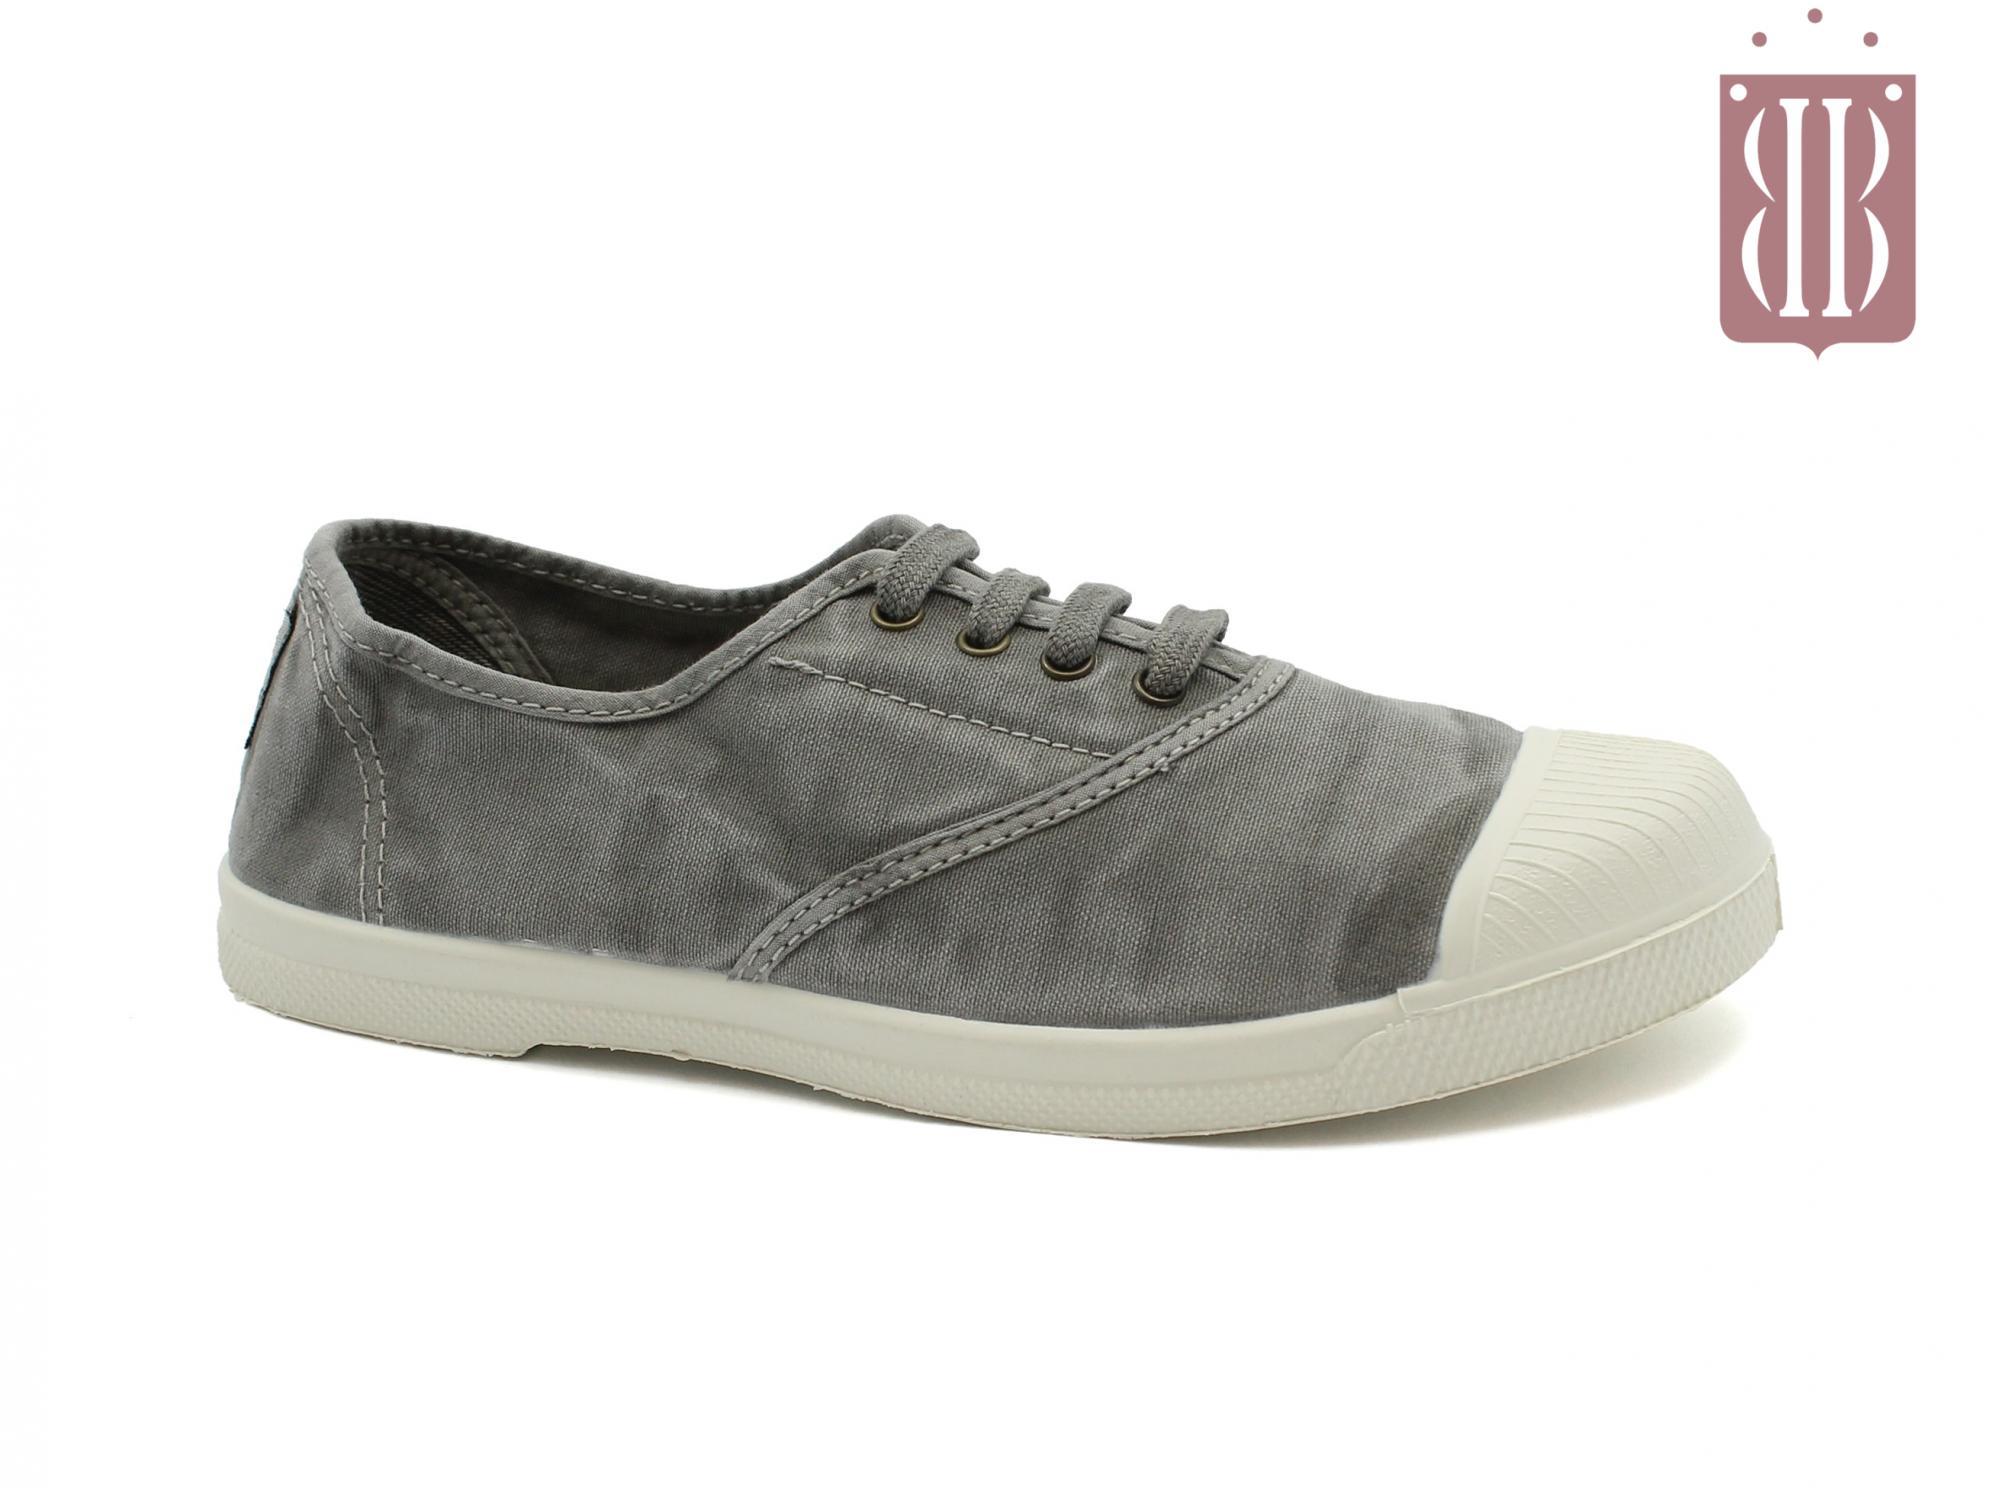 651f4d7fc0 NATURAL WORLD scarpe Donna lacci Cotone Bio plantare estraibile vegan shoes